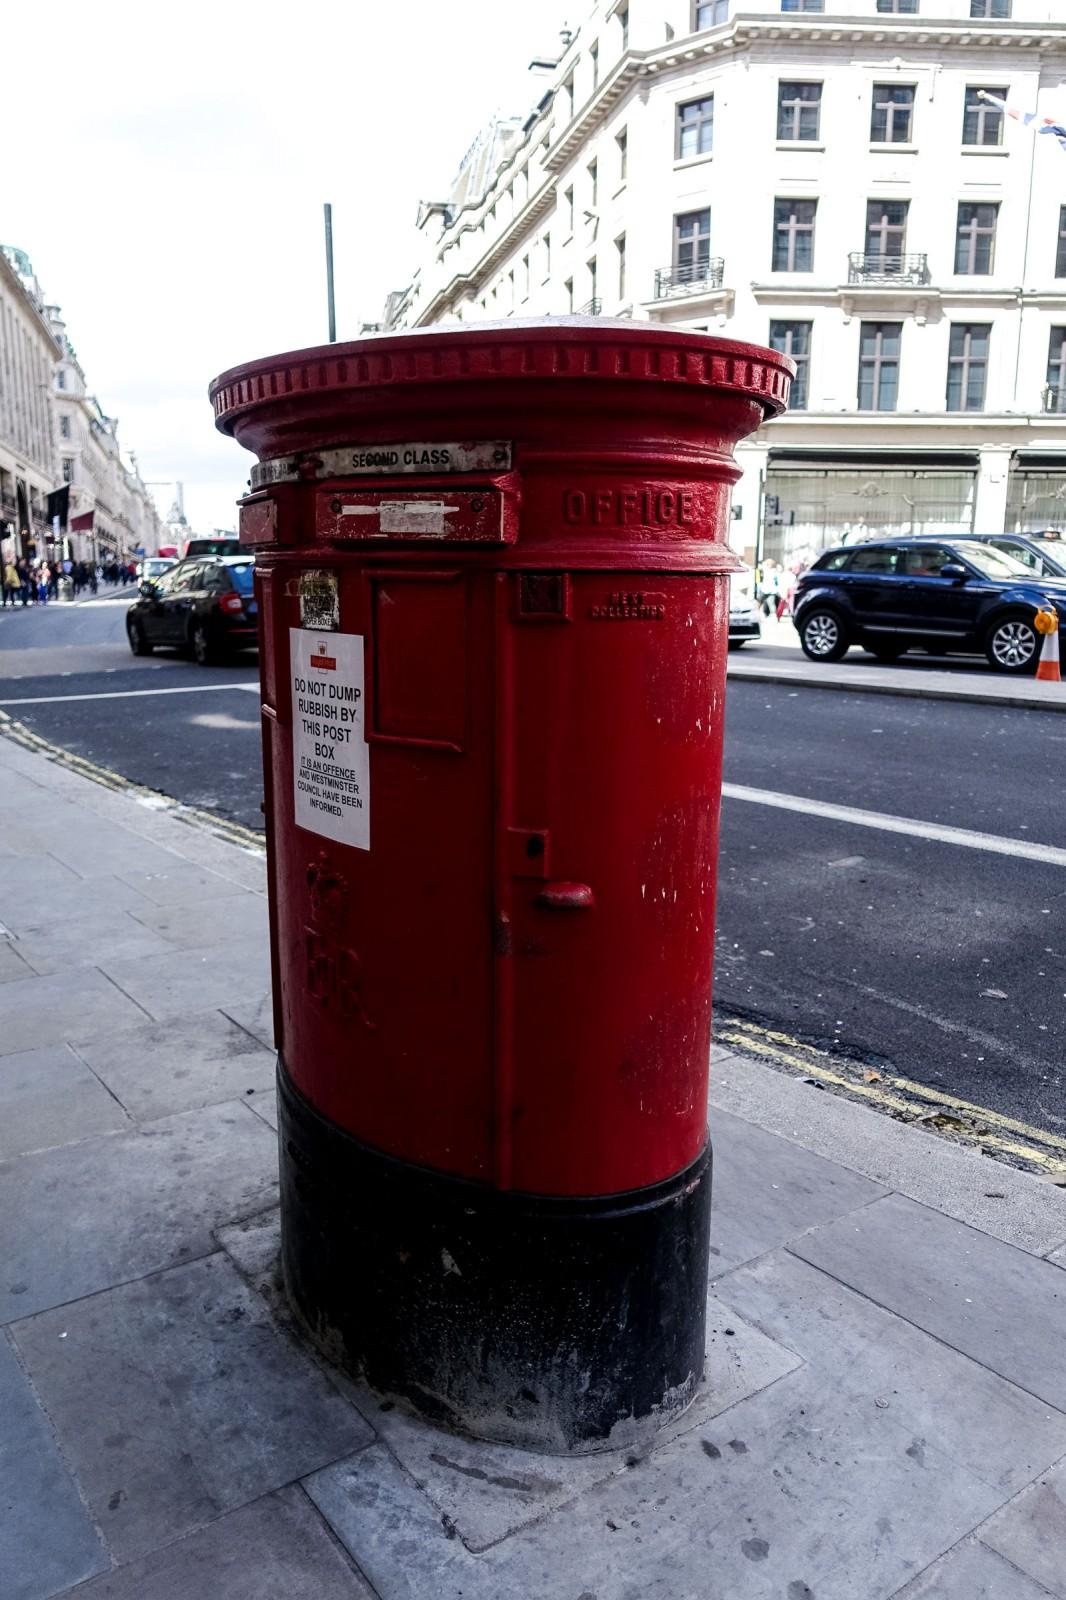 24_7_London-18